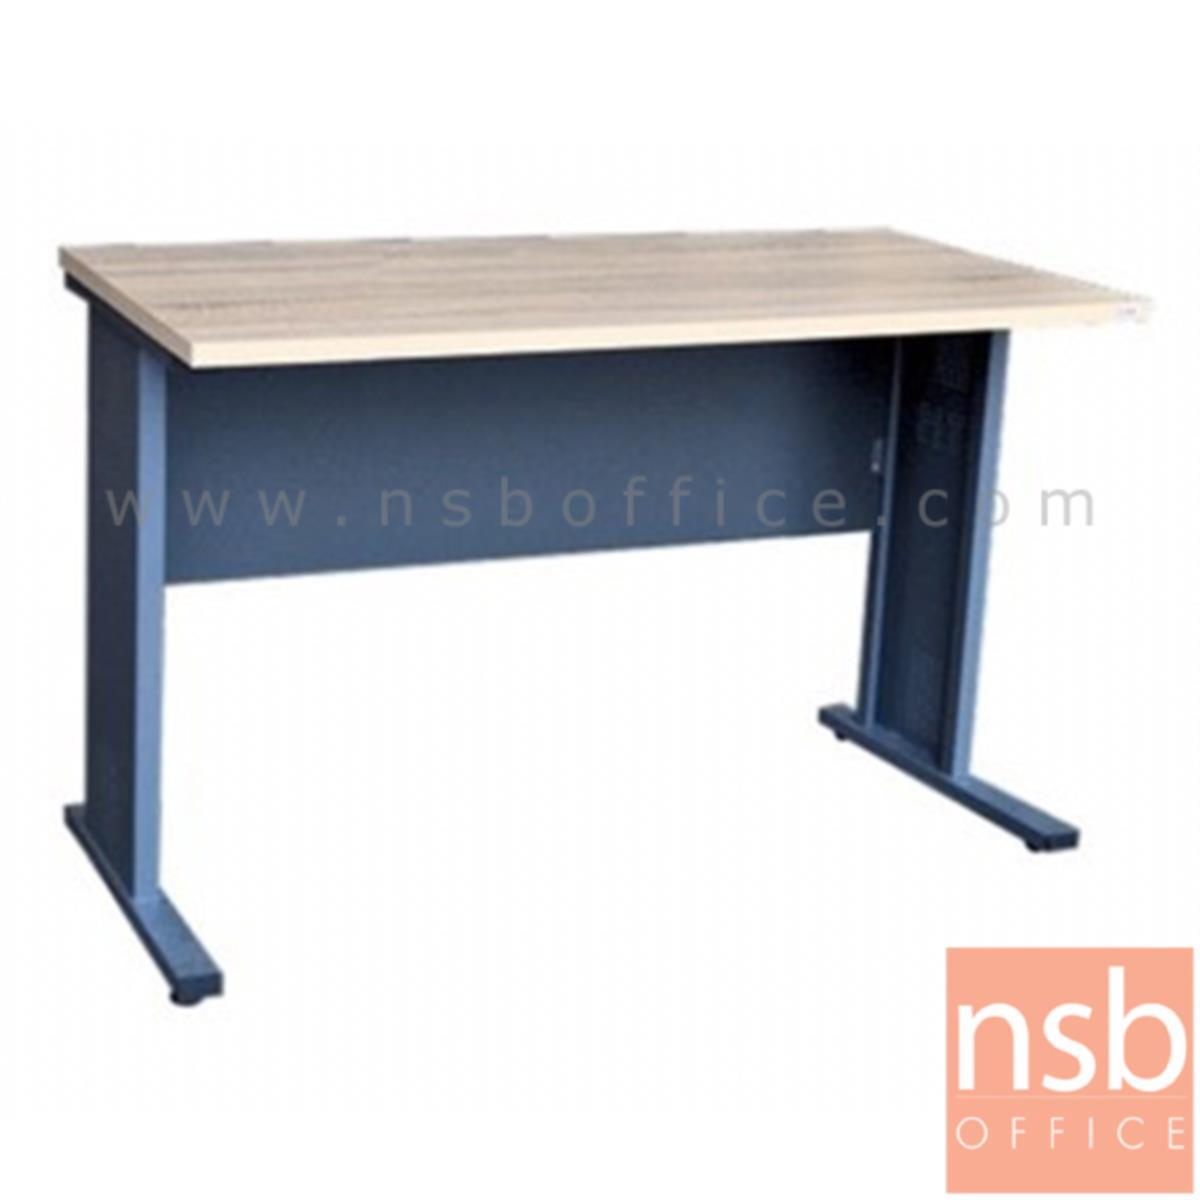 A10A064:โต๊ะทำงาน  รุ่น Felicia (เฟลิเซีย) ขนาด 120W cm. ขาเหล็ก  สีโซลิคตัดเทาเข้มหรือสีมูจิตัดเทาเข้ม